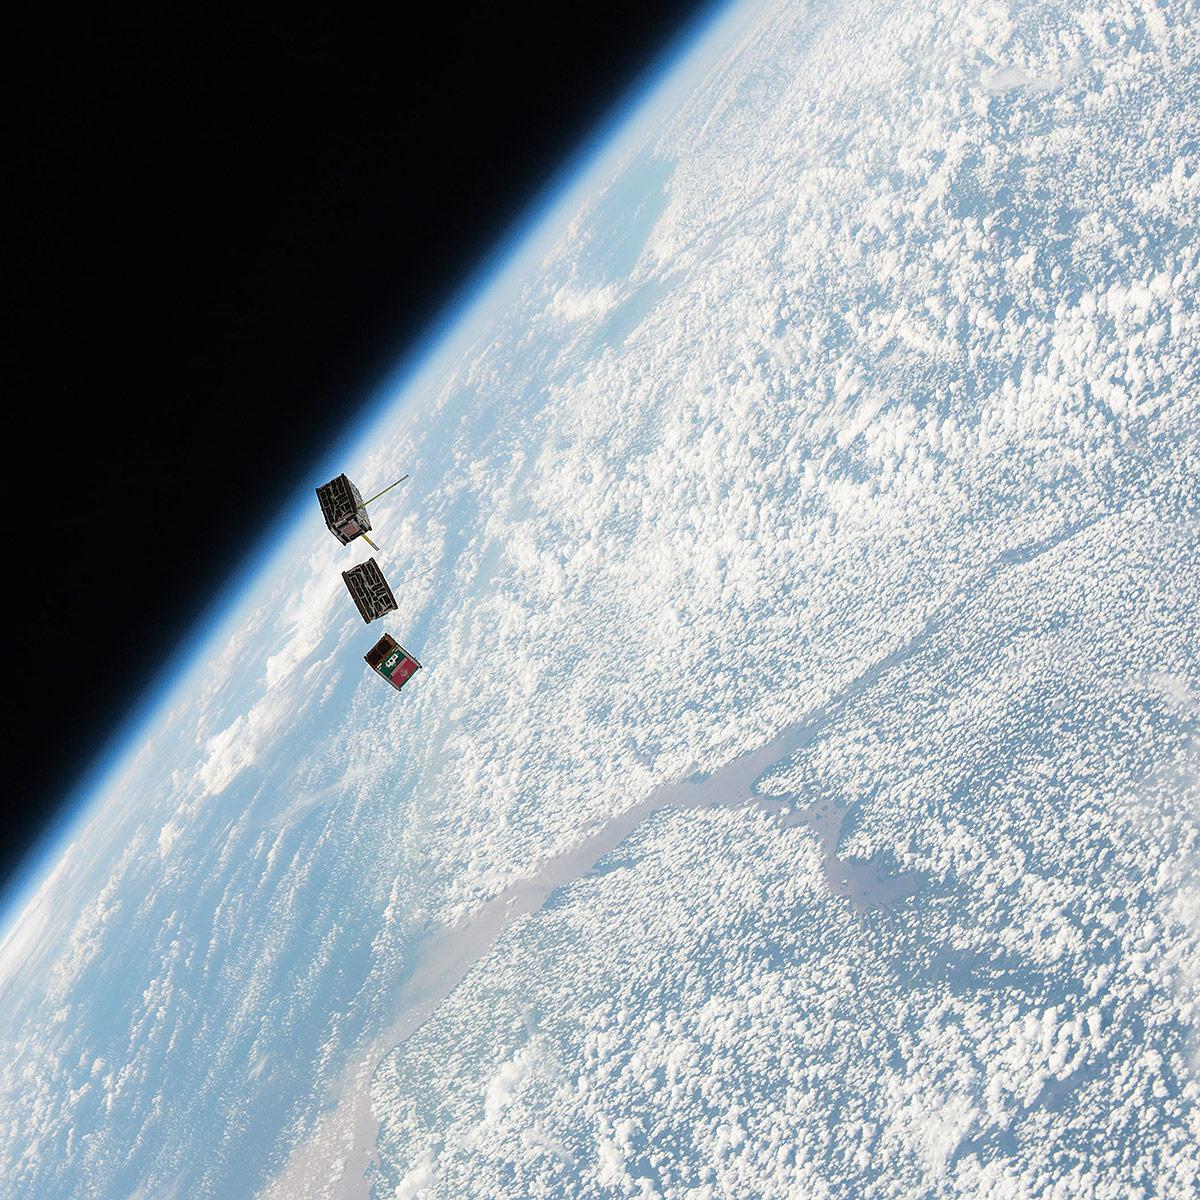 stmsat 1 deployed over earth